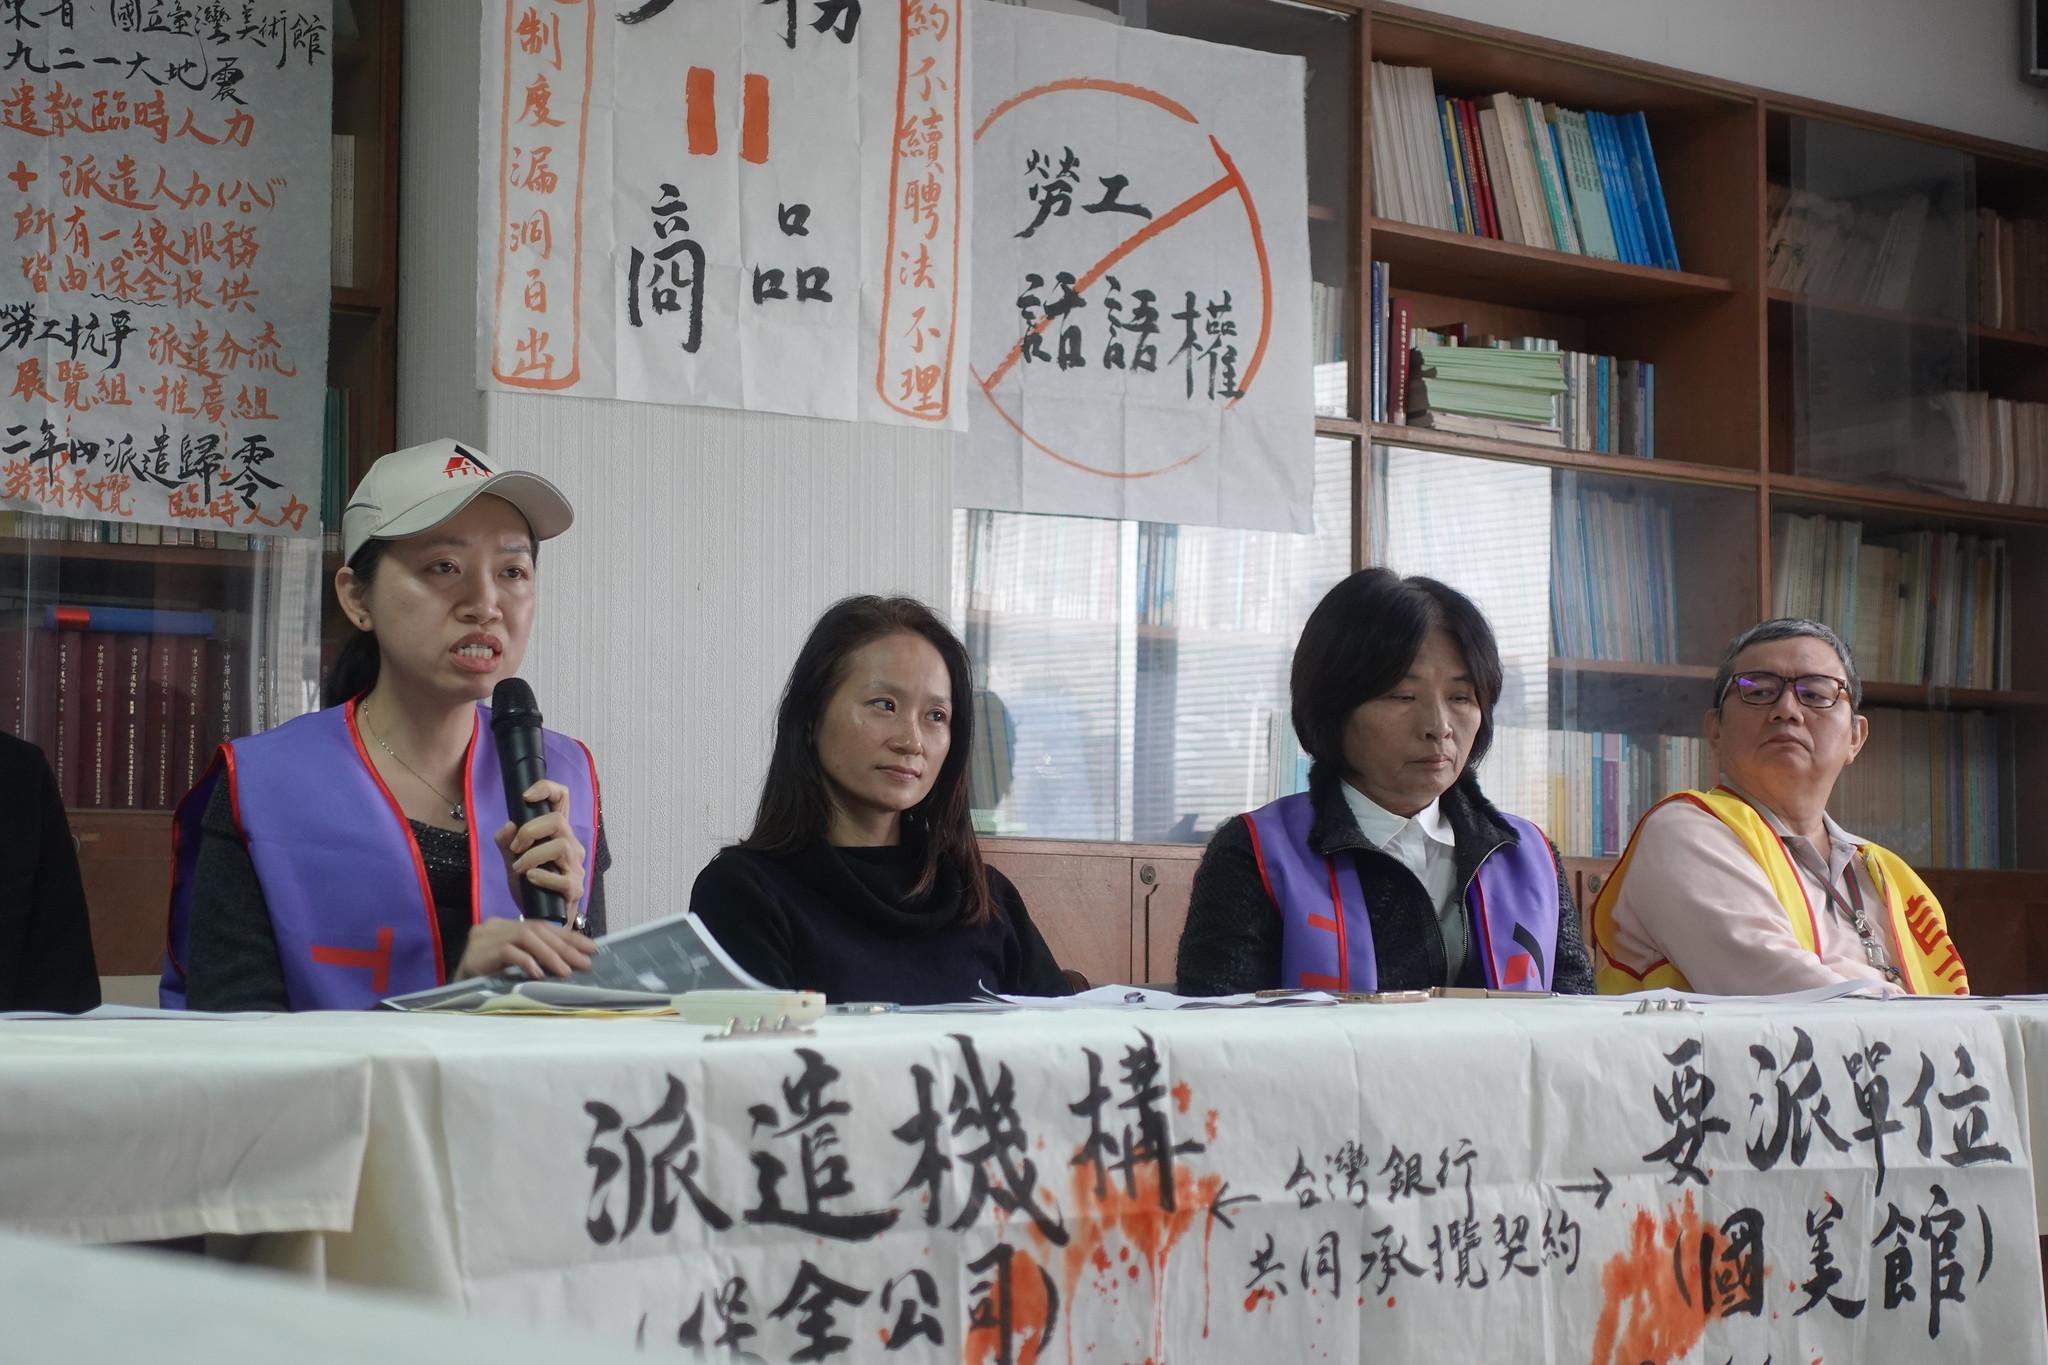 國美館委外廠商違法打壓工會,派遣工會召開記者會要求復職。(攝影:張智琦)